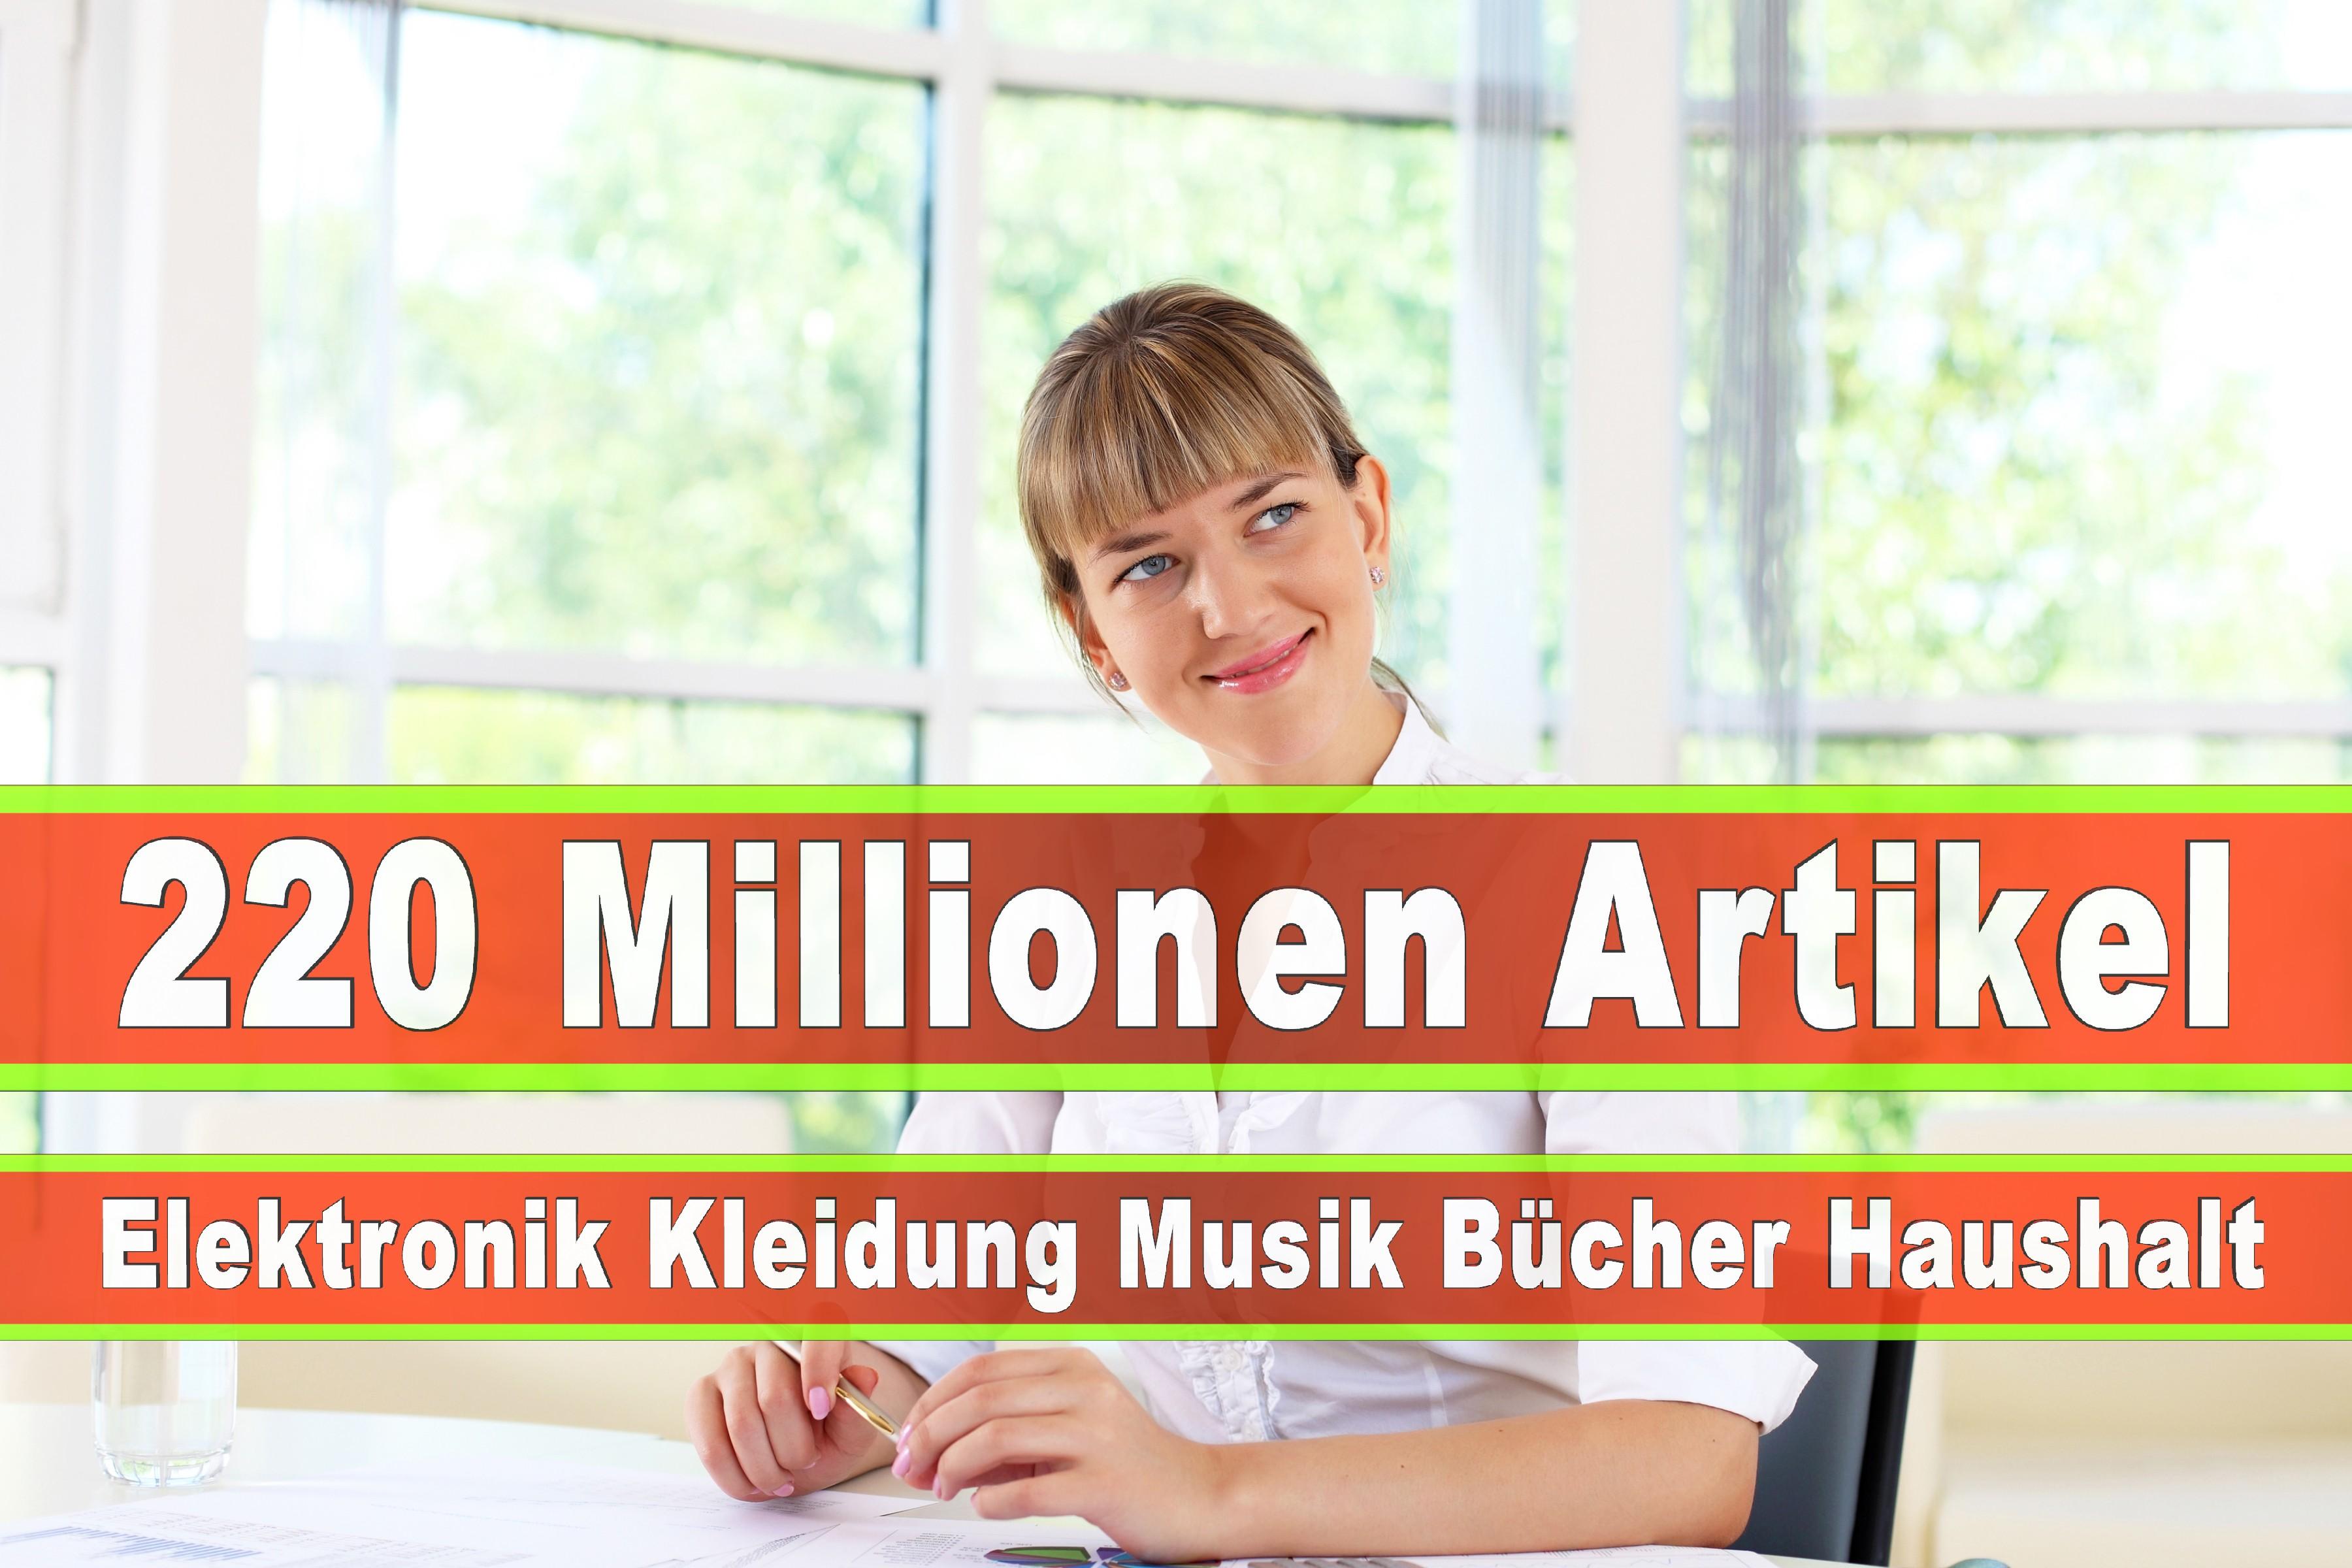 Amazon Elektronik Musik Haushalt Bücher CD DVD Handys Smartphones TV Television Fernseher Kleidung Mode Ebay Versandhaus (121)